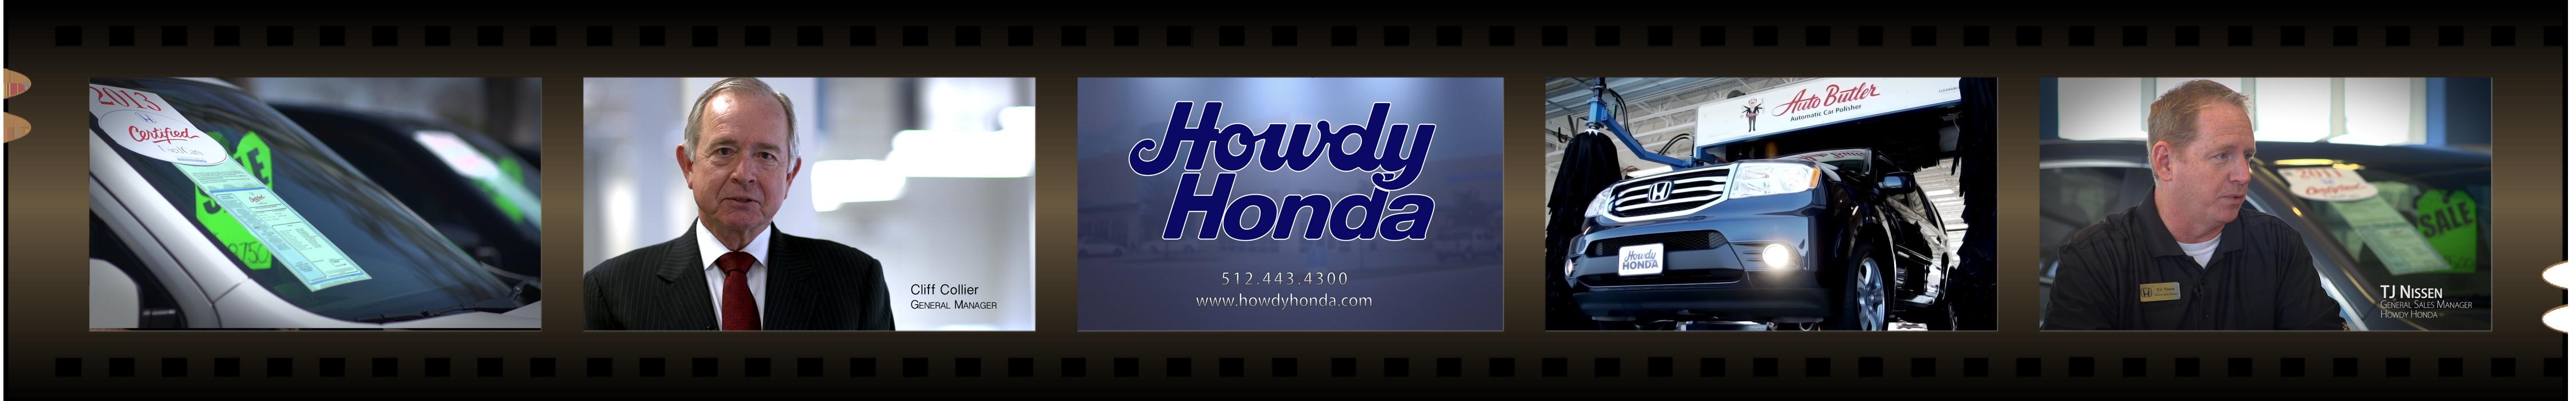 Howdy-Filmstrips